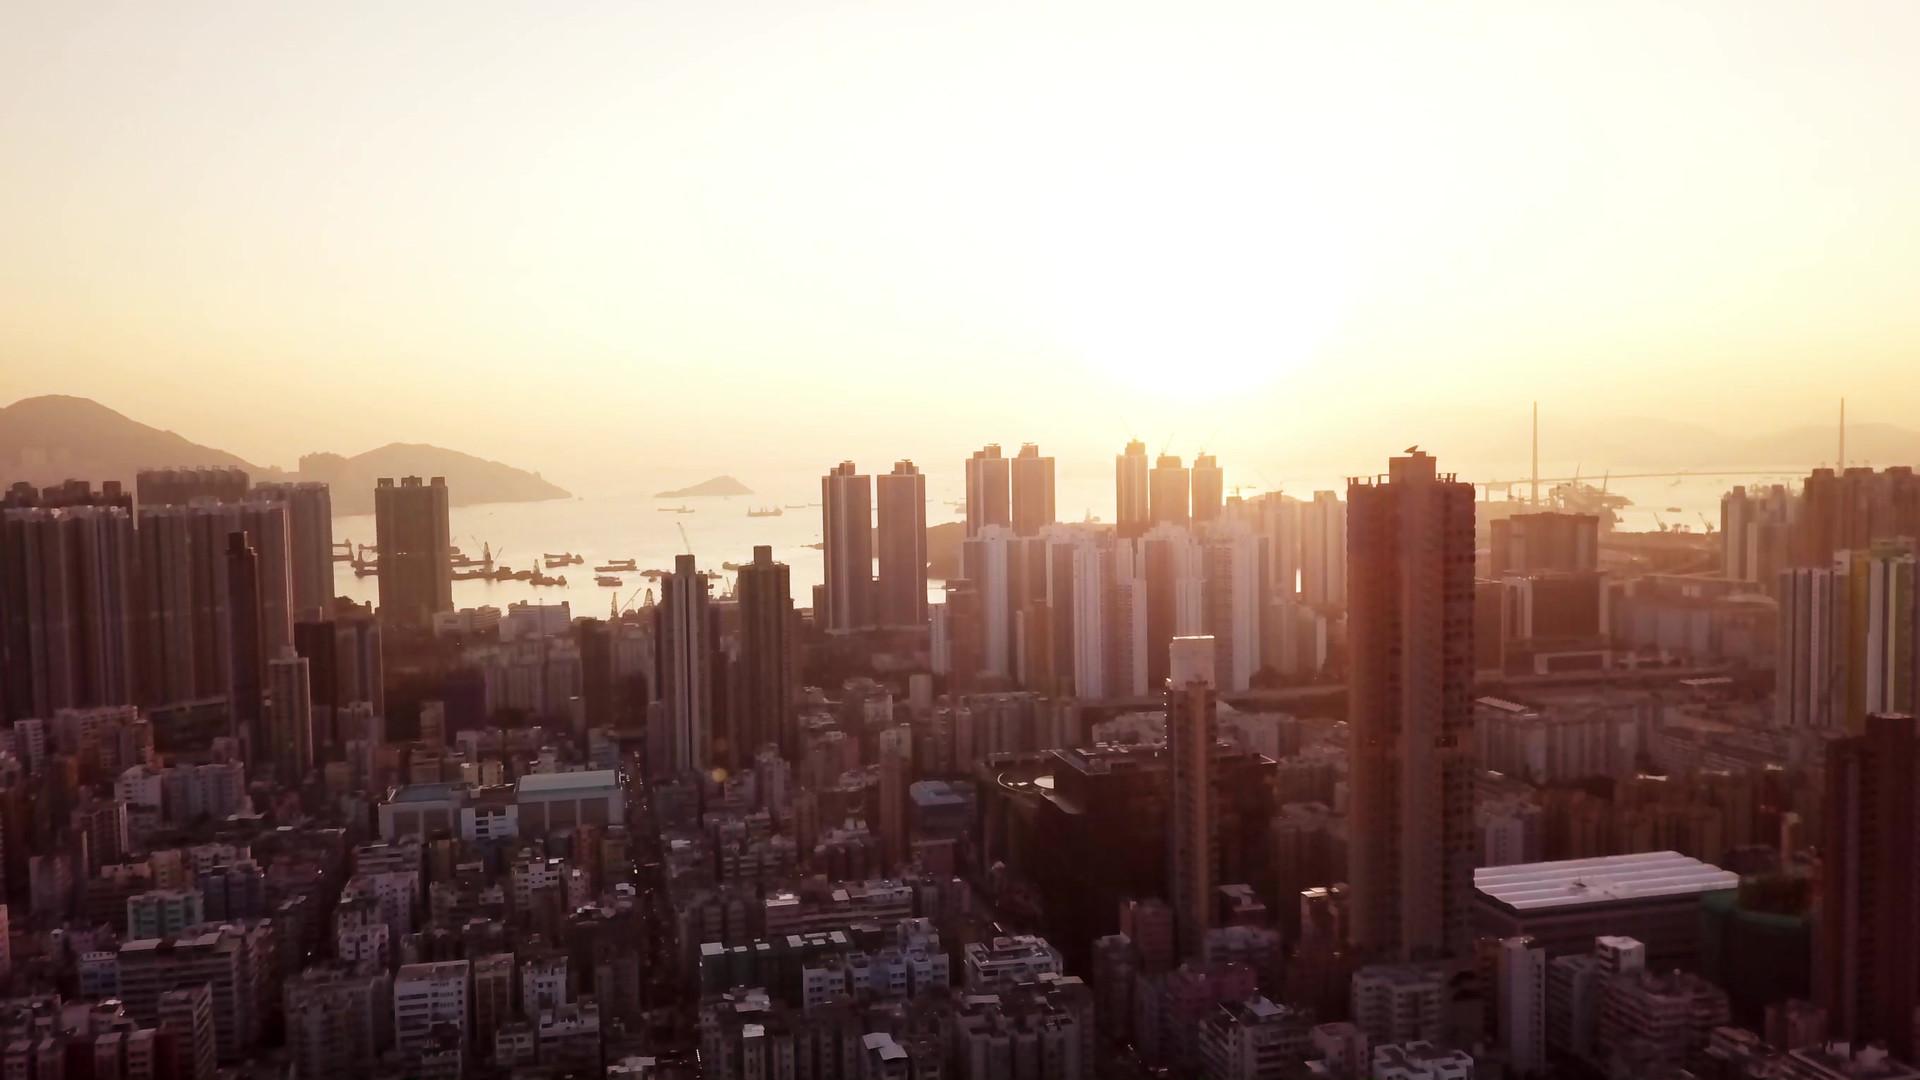 GARDEN HILL, HONG KONG